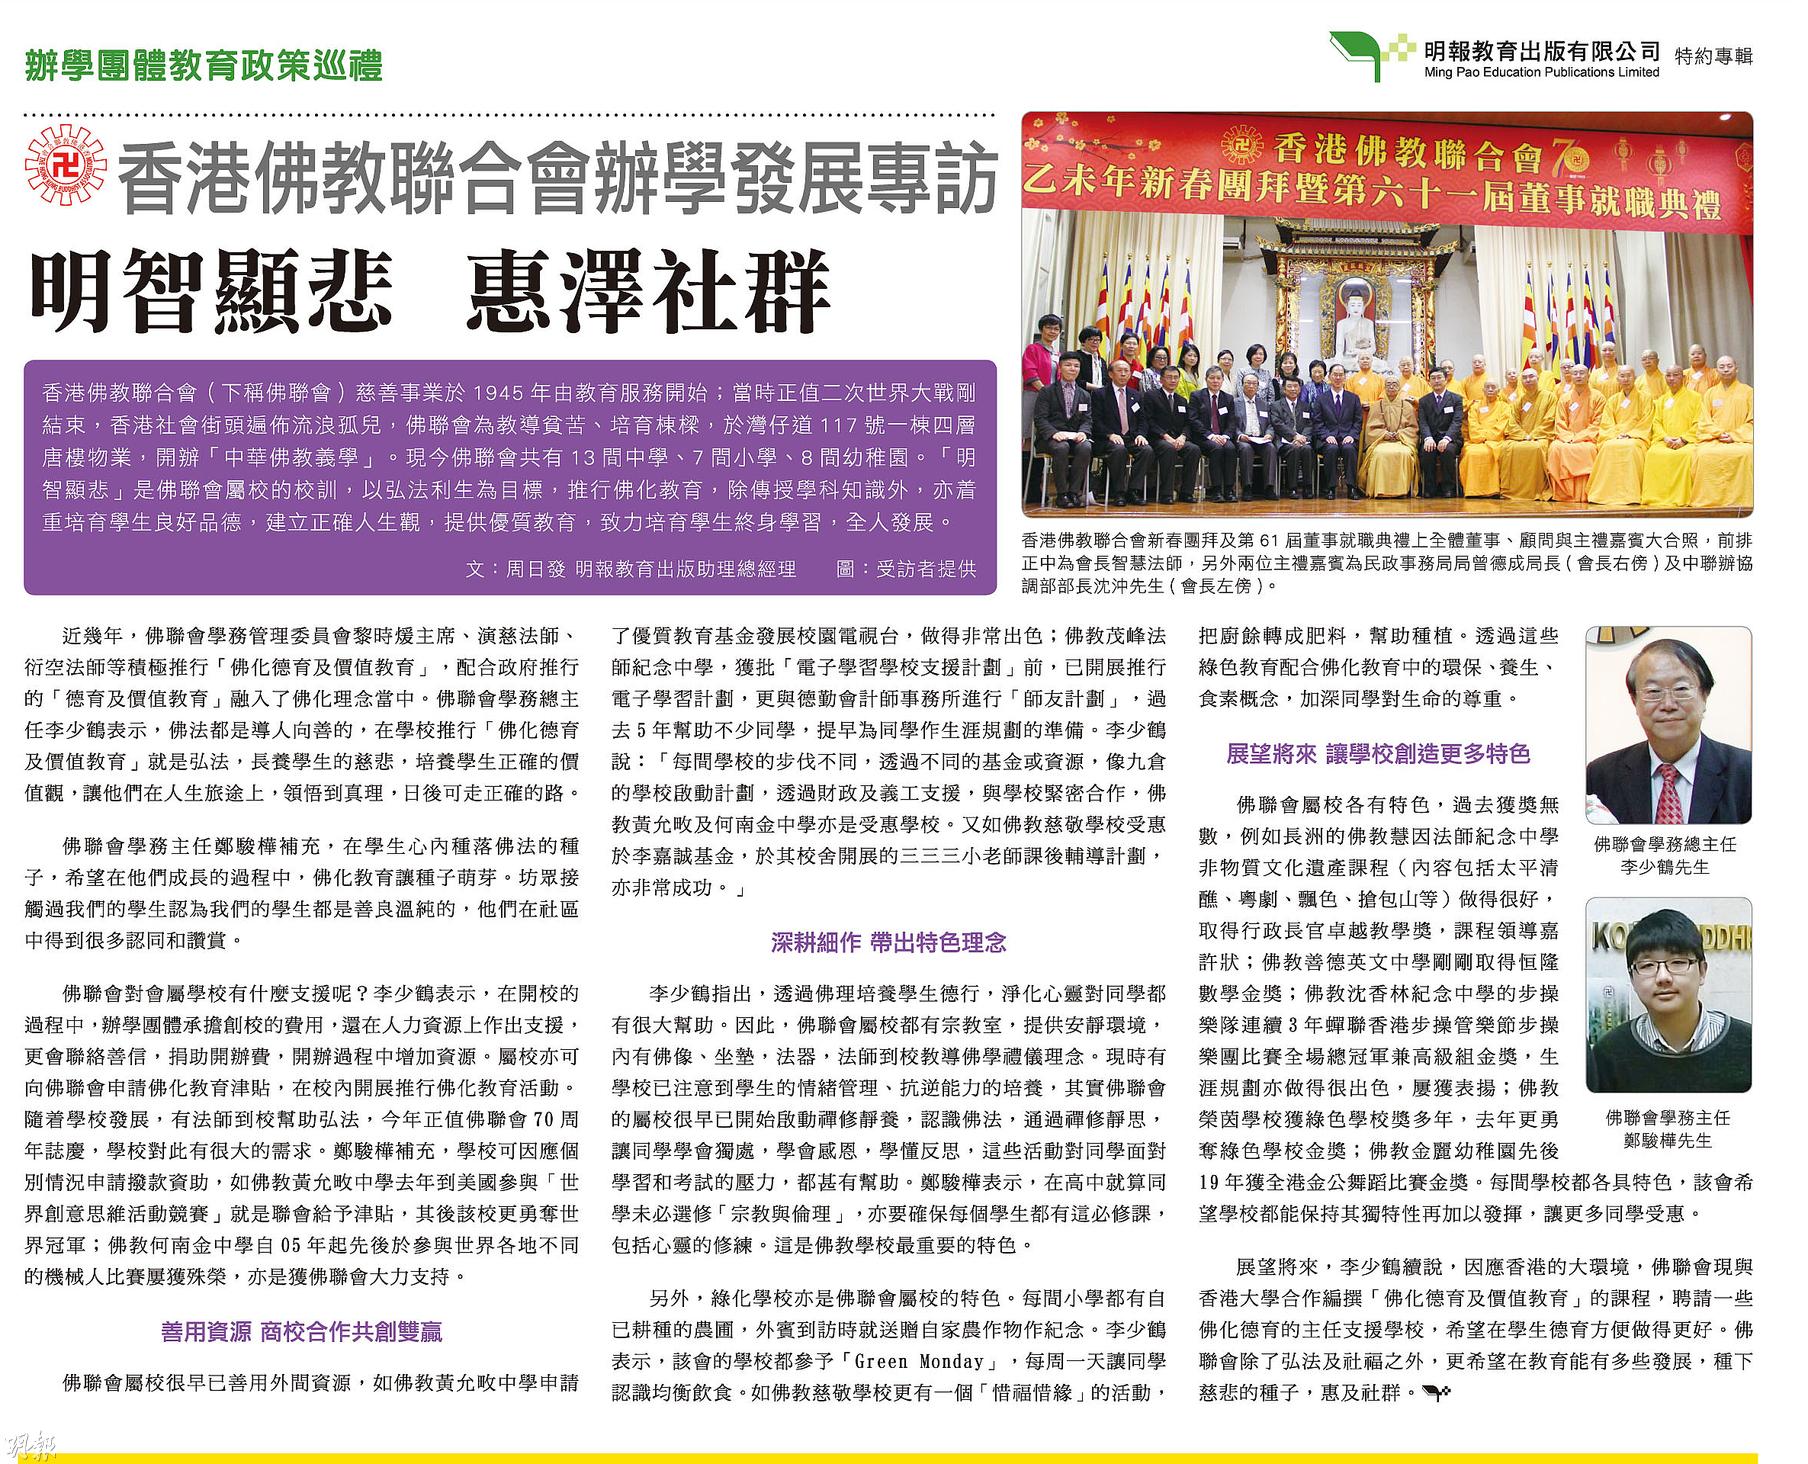 20150305-MP-A28-明智顯悲 惠澤社群 香港佛教聯合會